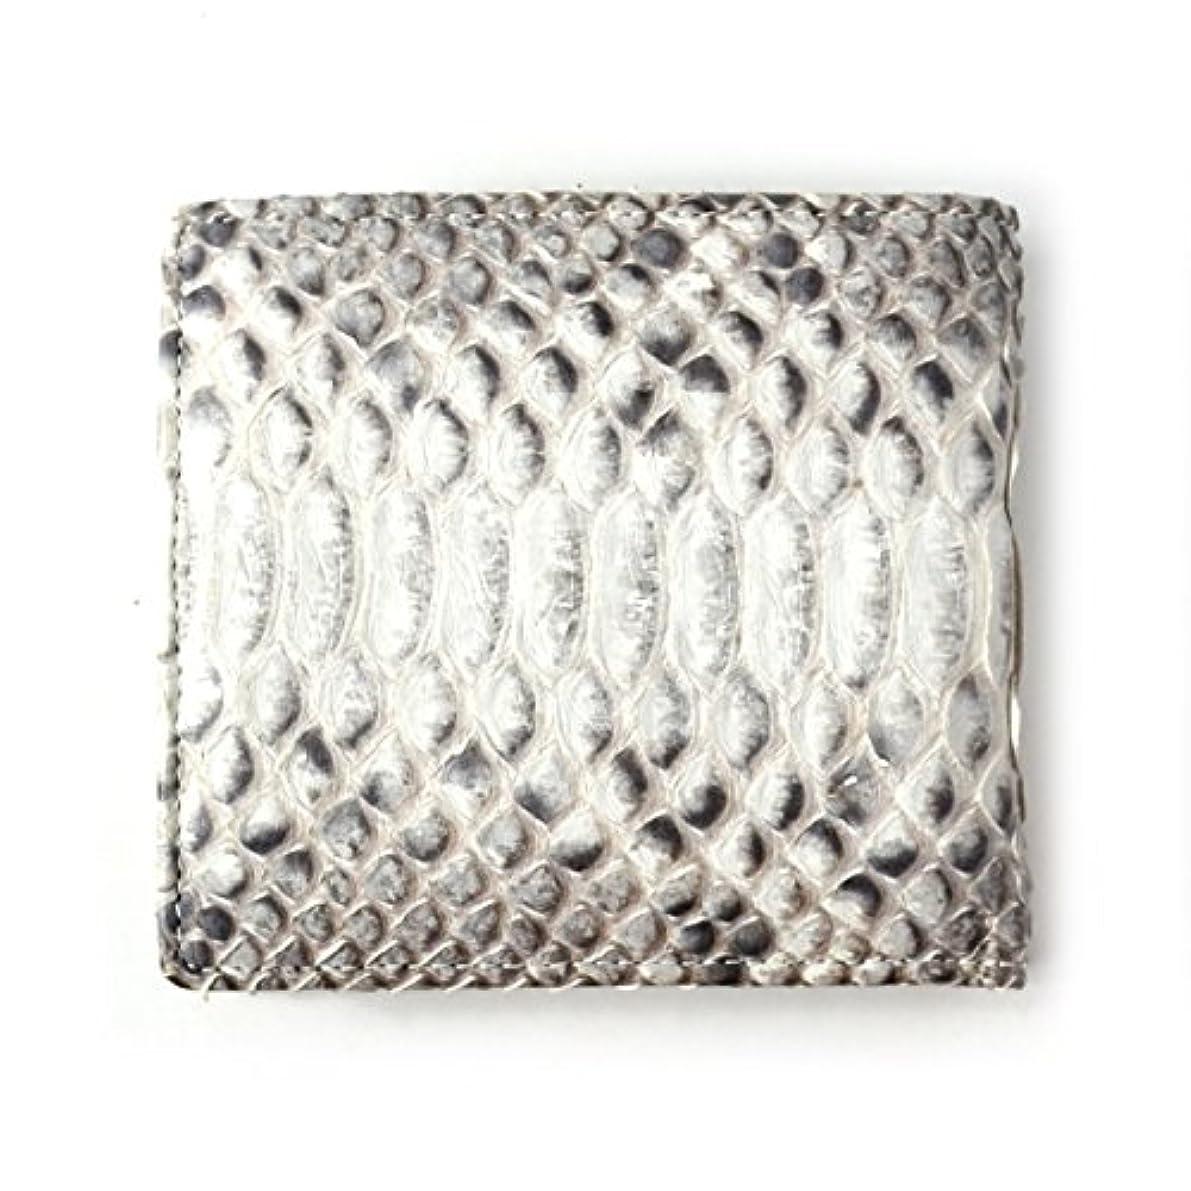 供給敬意を表する脳[ロダニア] RODANIA 二つ折り財布 メンズ パイソン 蛇革 ショートウォレット ナチュラル 【SNJN0012】